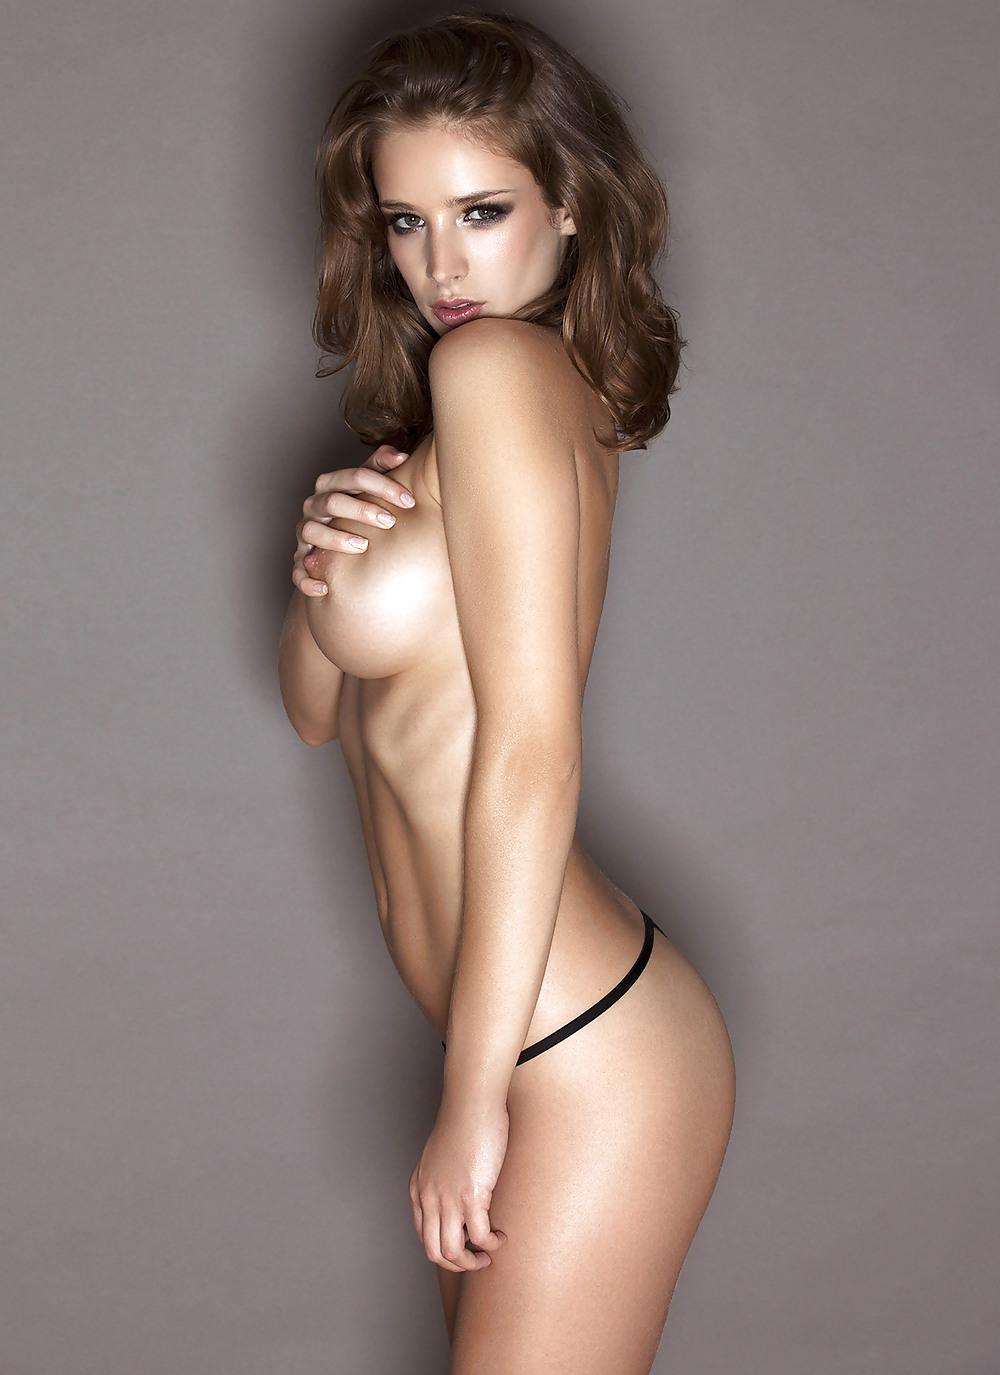 Emily ratajkowski nude photos thefappening